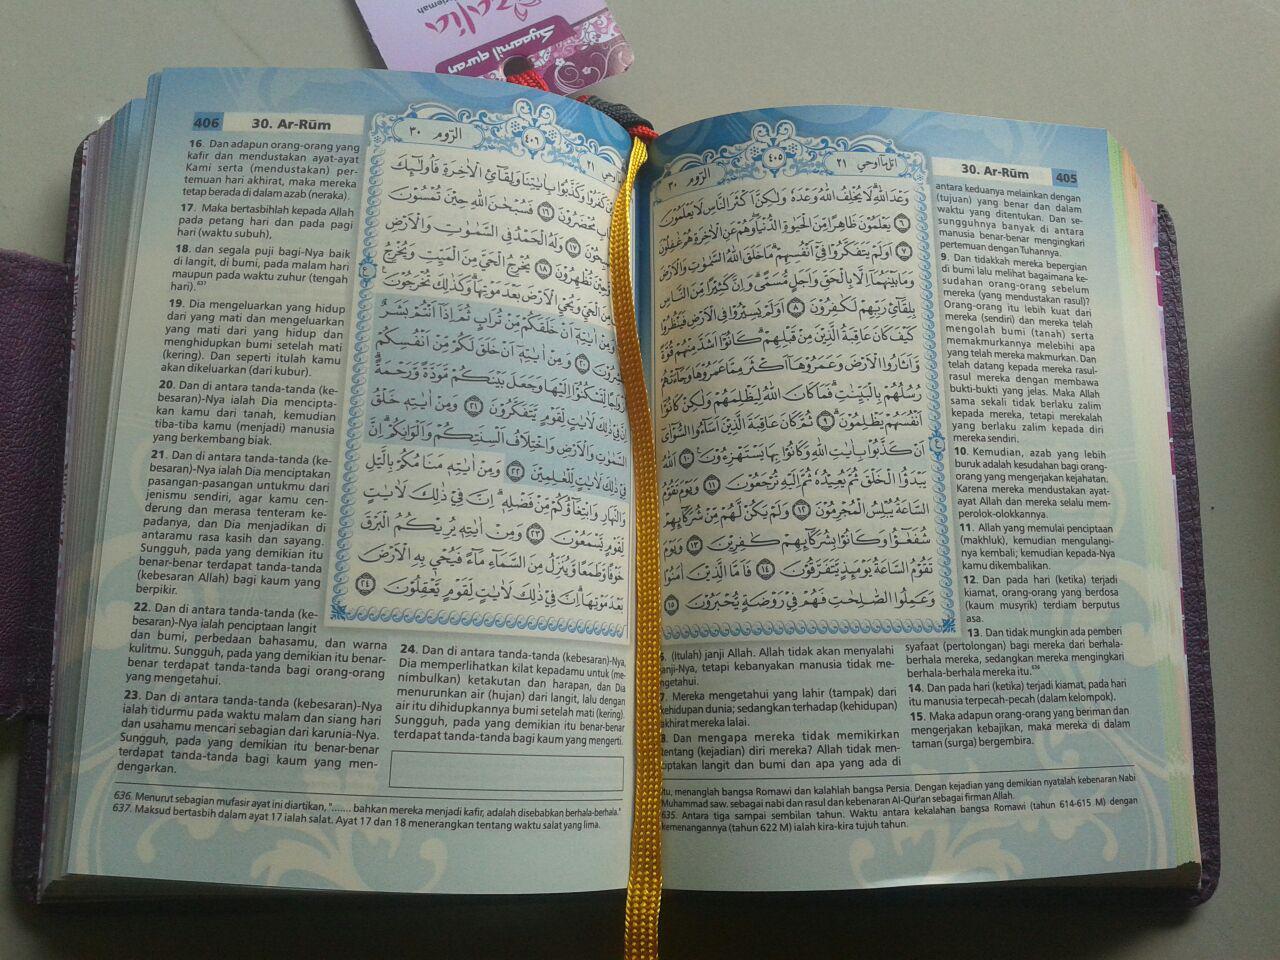 Al-Qur'an Mushaf Terjemah Yasmina Sampul Kancing Magnet Ukuran B6 isi